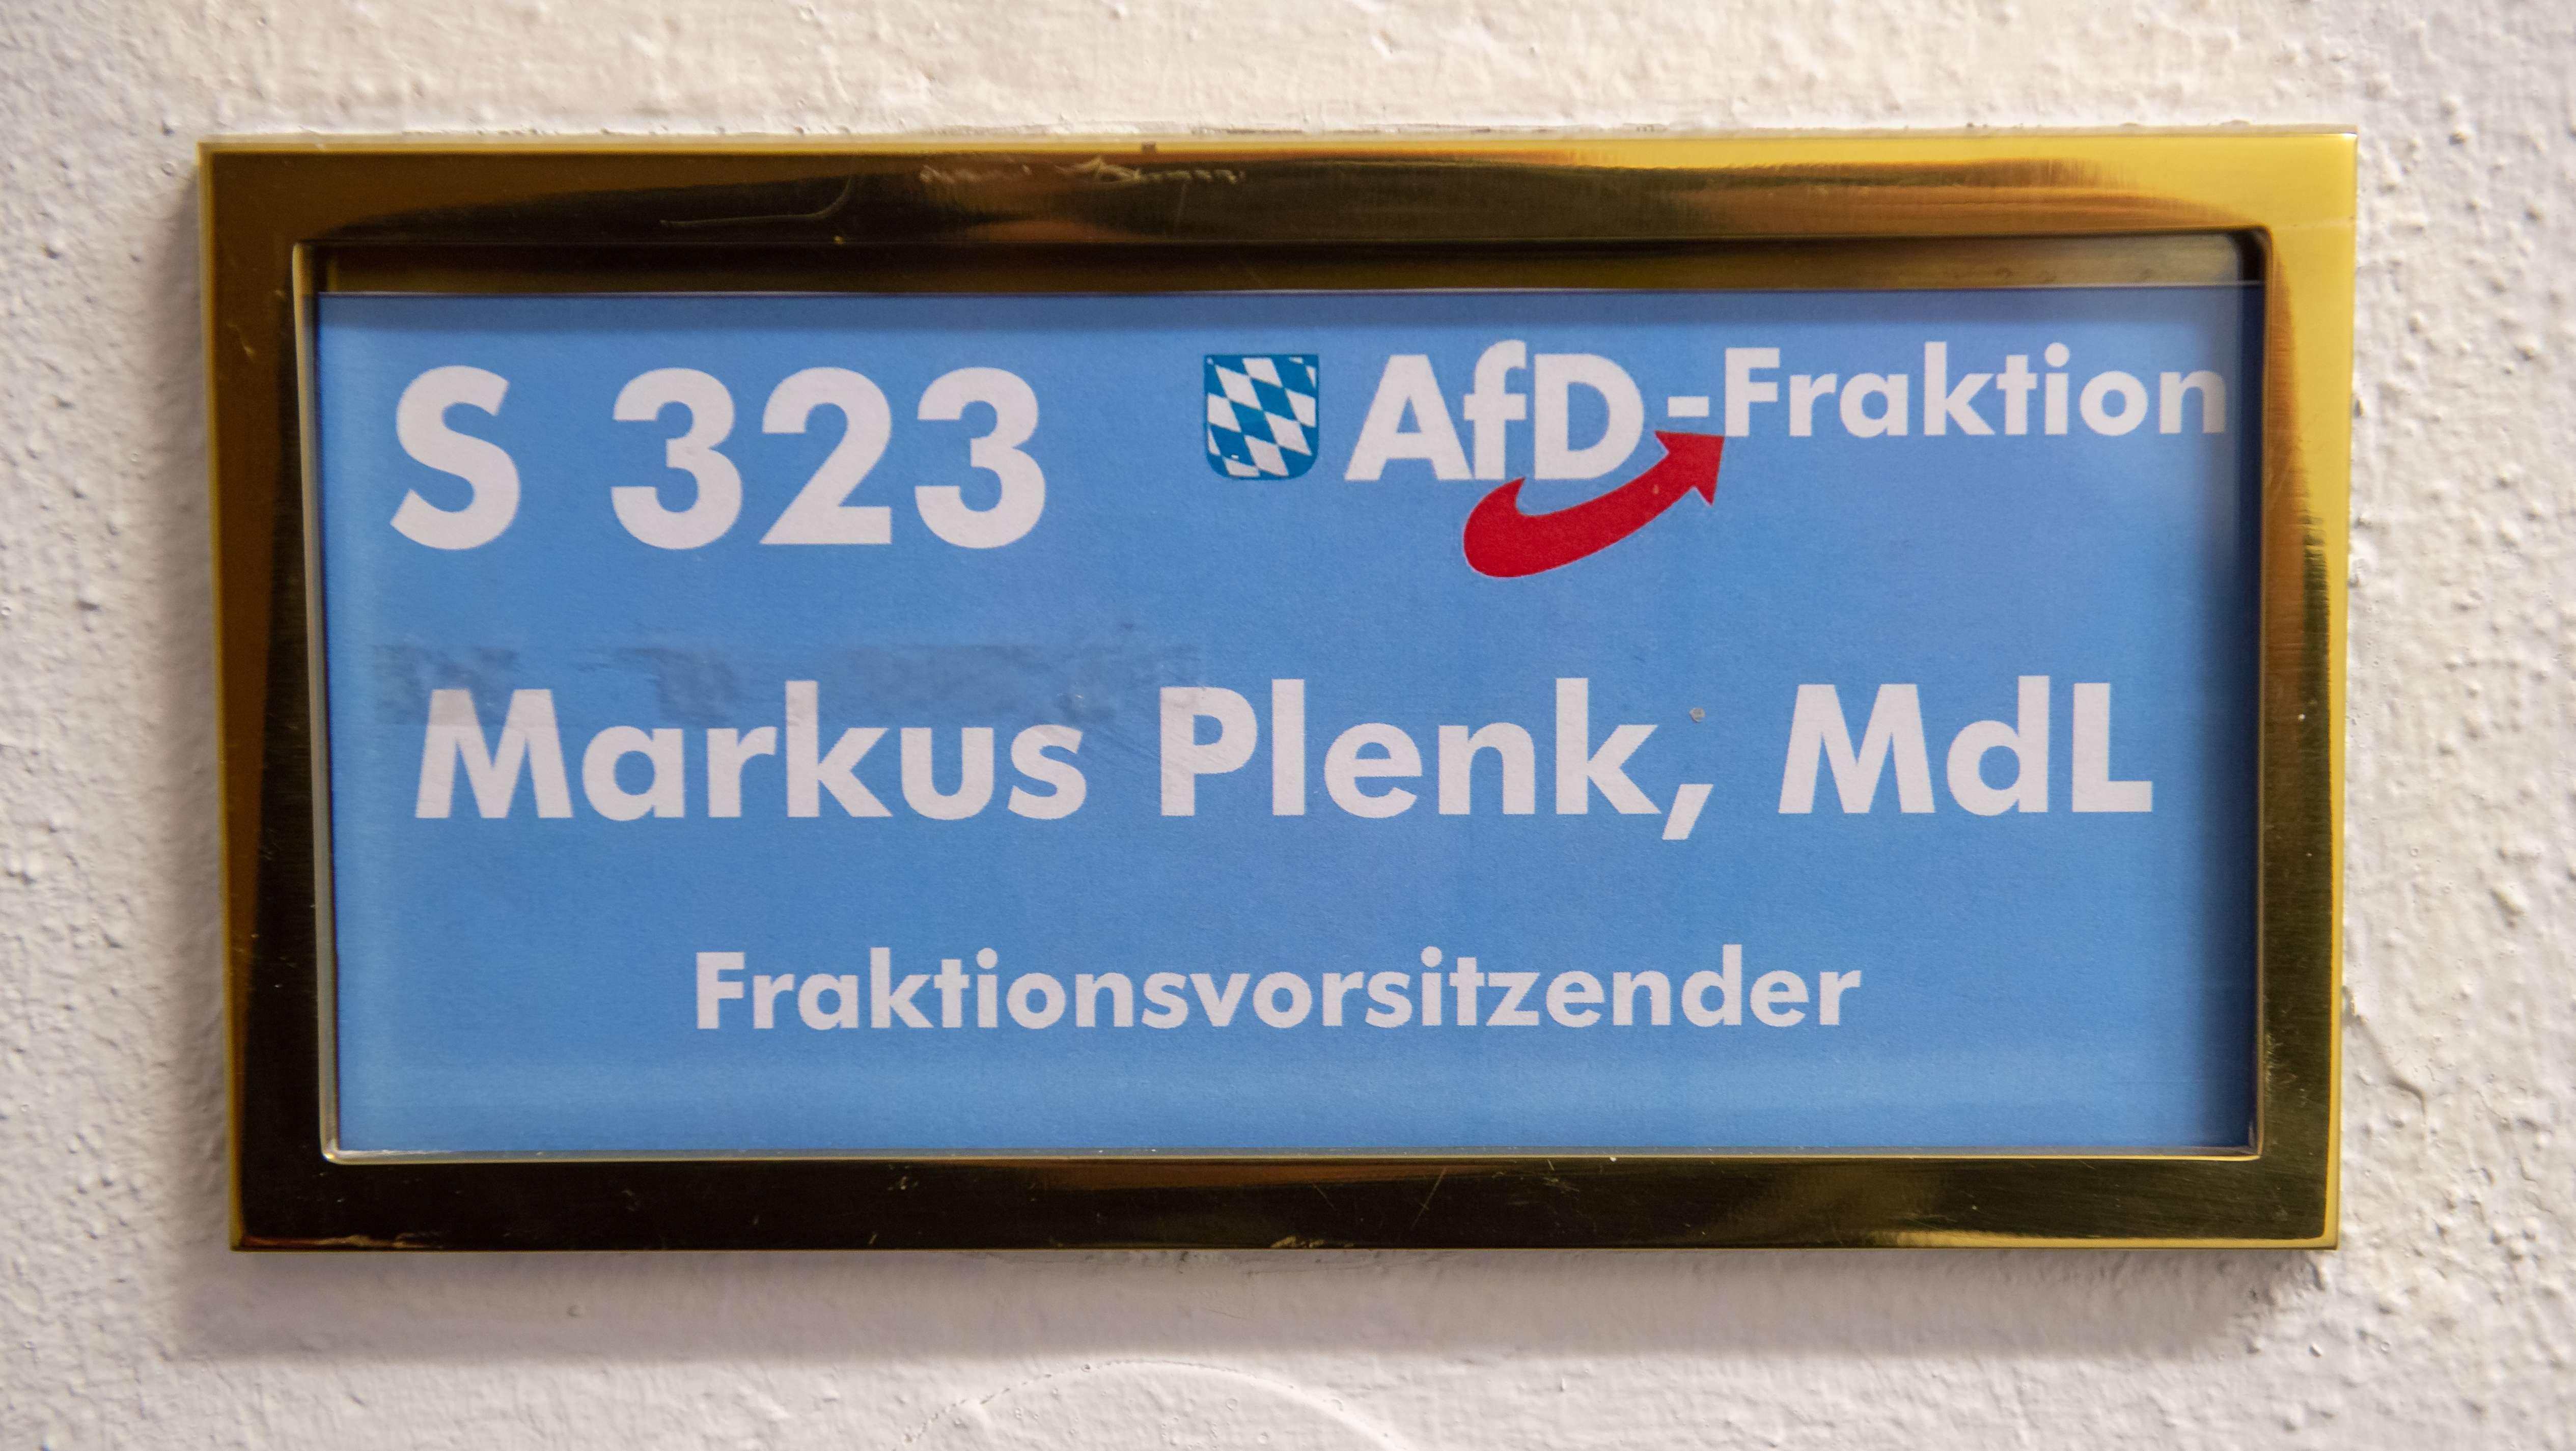 Türschild AfD-Fraktionsvorsitzender im Bayerischen Landtag, Markus Plenk